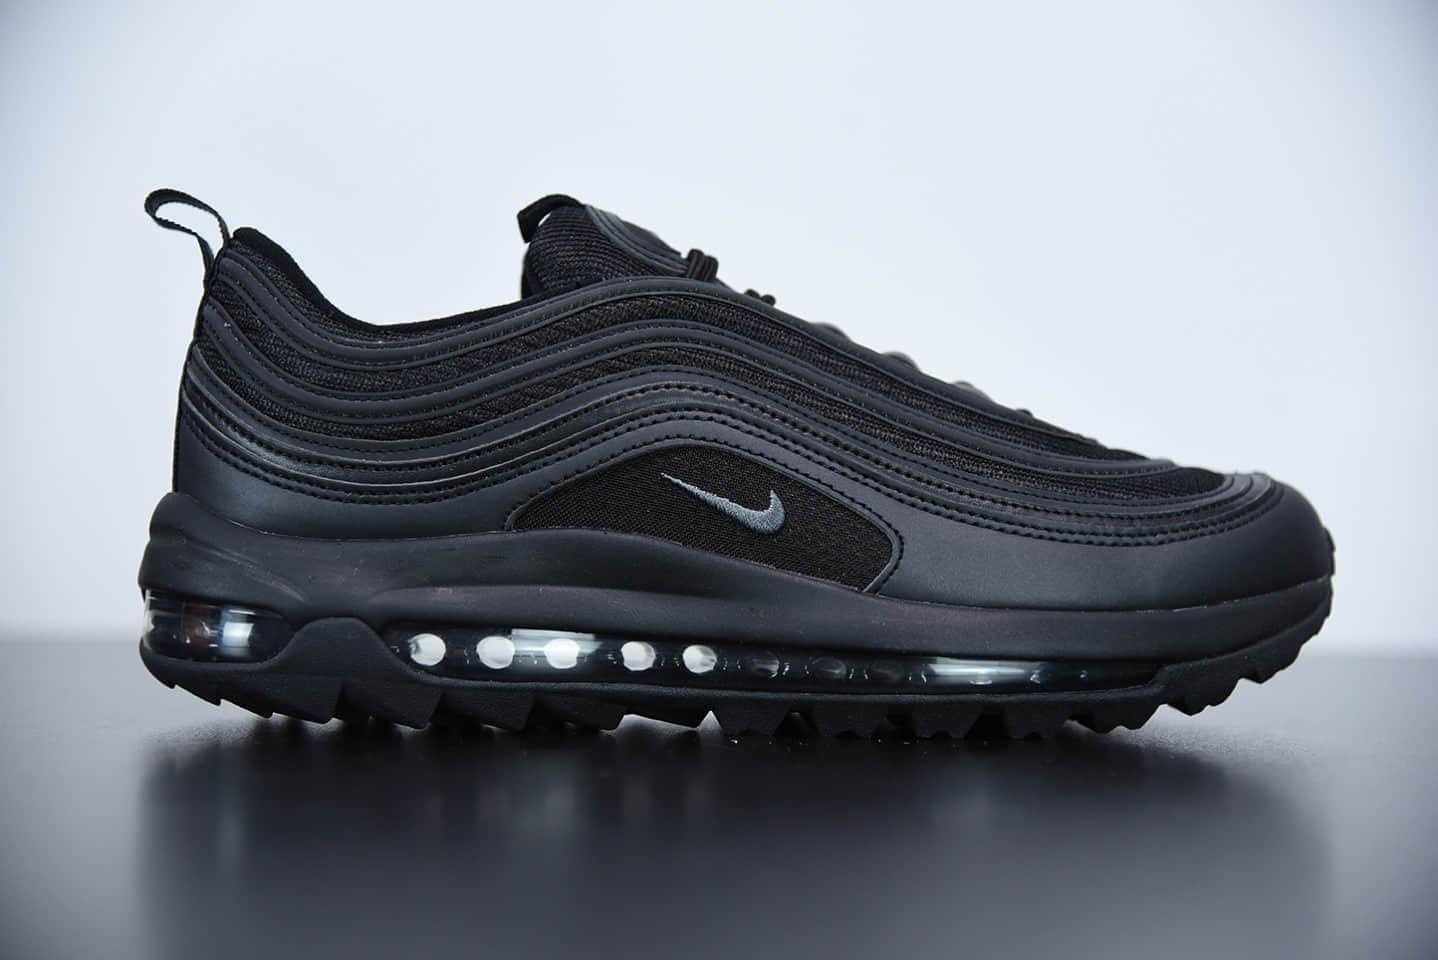 耐克Nike Golf Air Max 97G黑子弹头高尔夫球鞋纯原版本 货号:CI7538-101